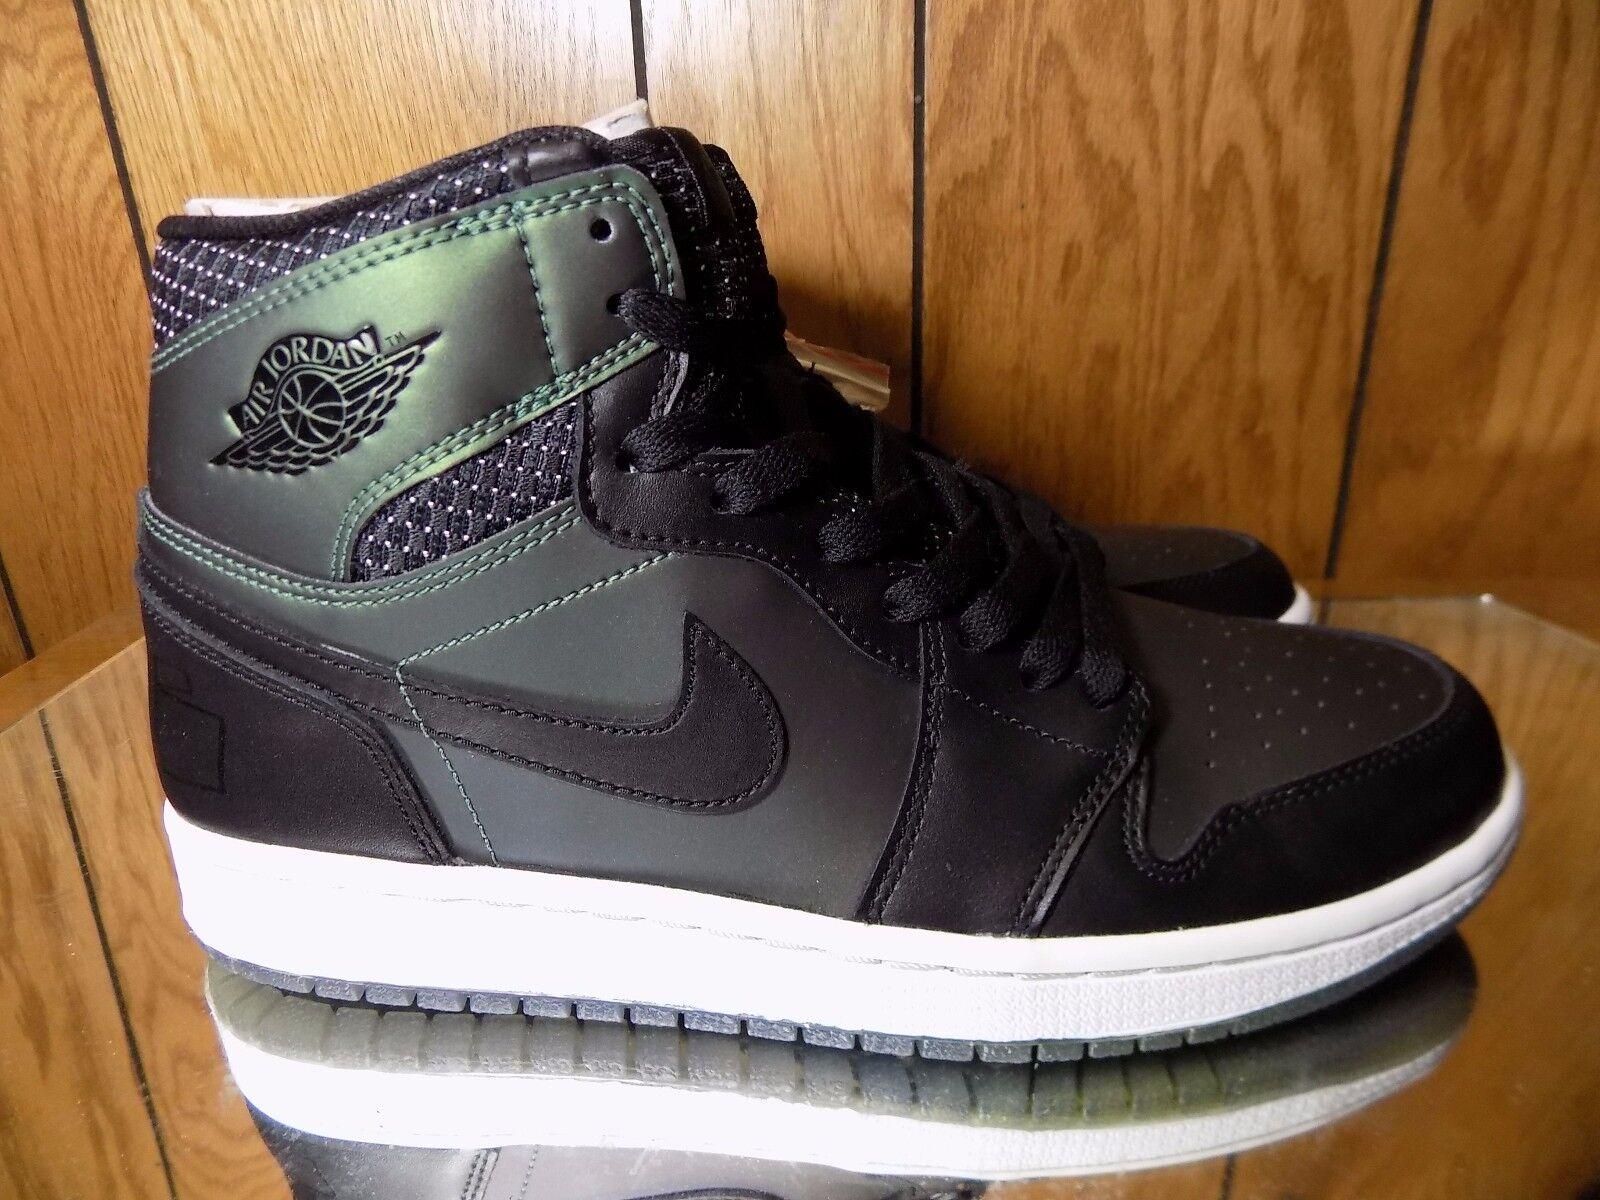 2018 Nike sb Air Jordan 1 retro sb Nike qs SZ 8.5 Verde Negro G aj1 Dunk og 653532-001 fa6368